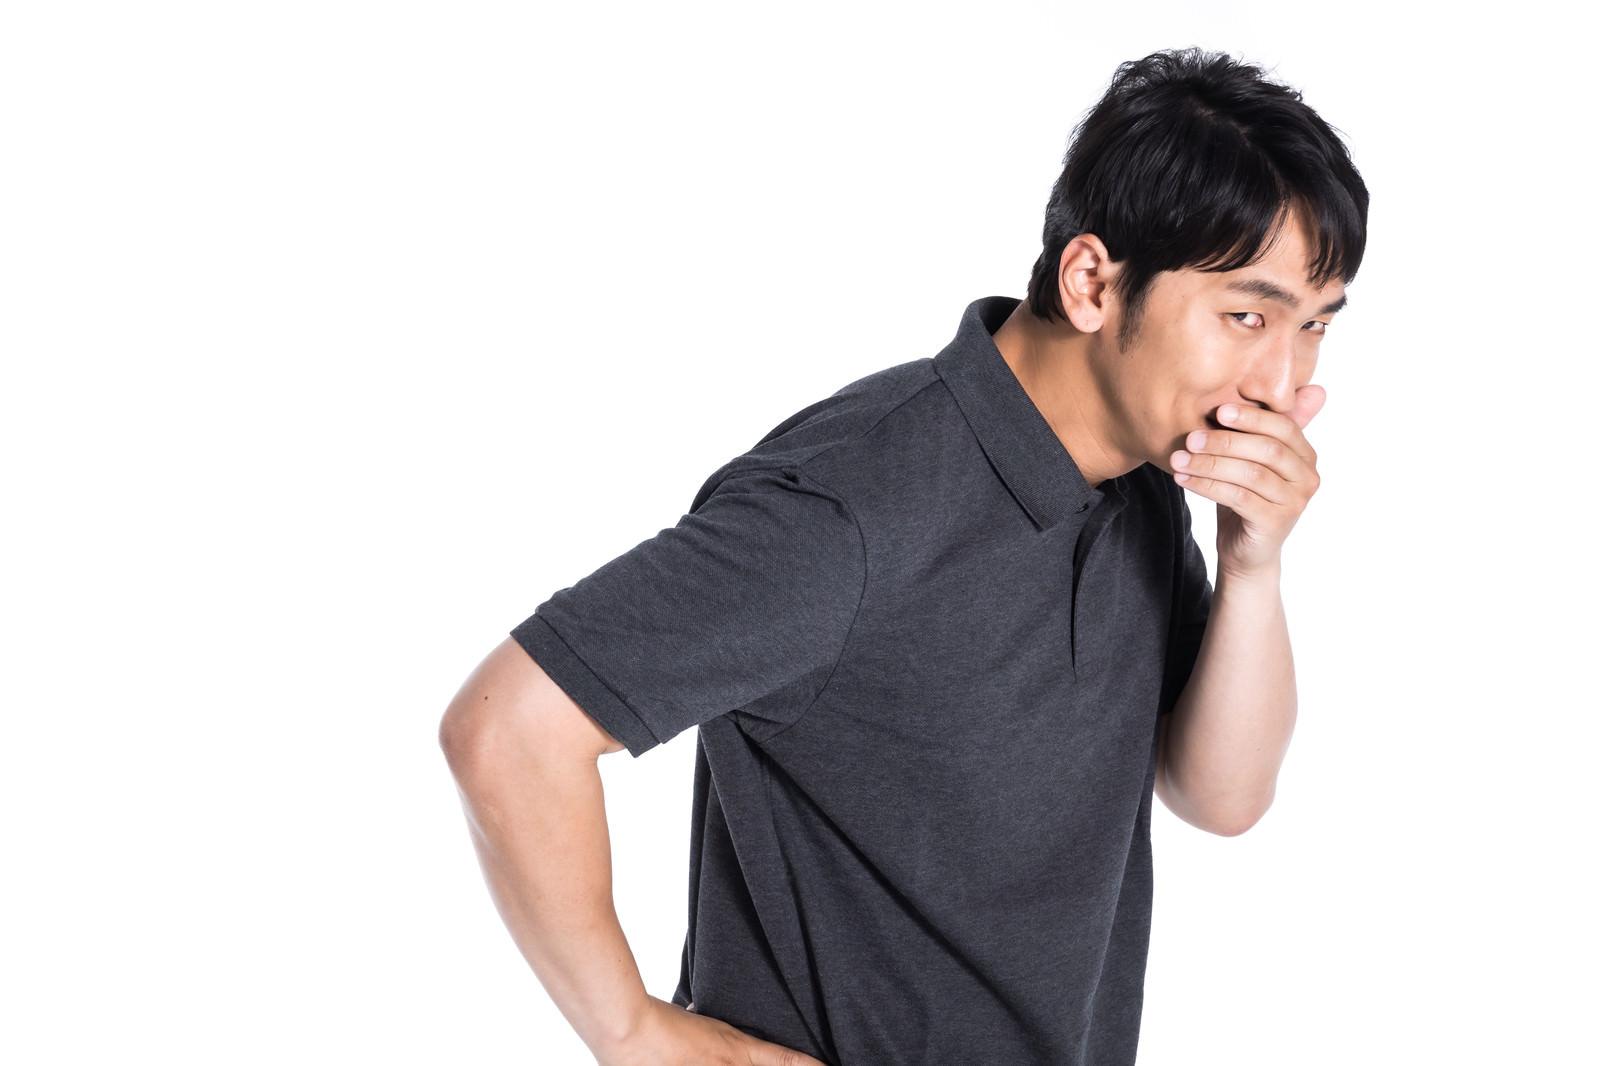 「悪い噂を拡散する男性 | 写真の無料素材・フリー素材 - ぱくたそ」の写真[モデル:大川竜弥]